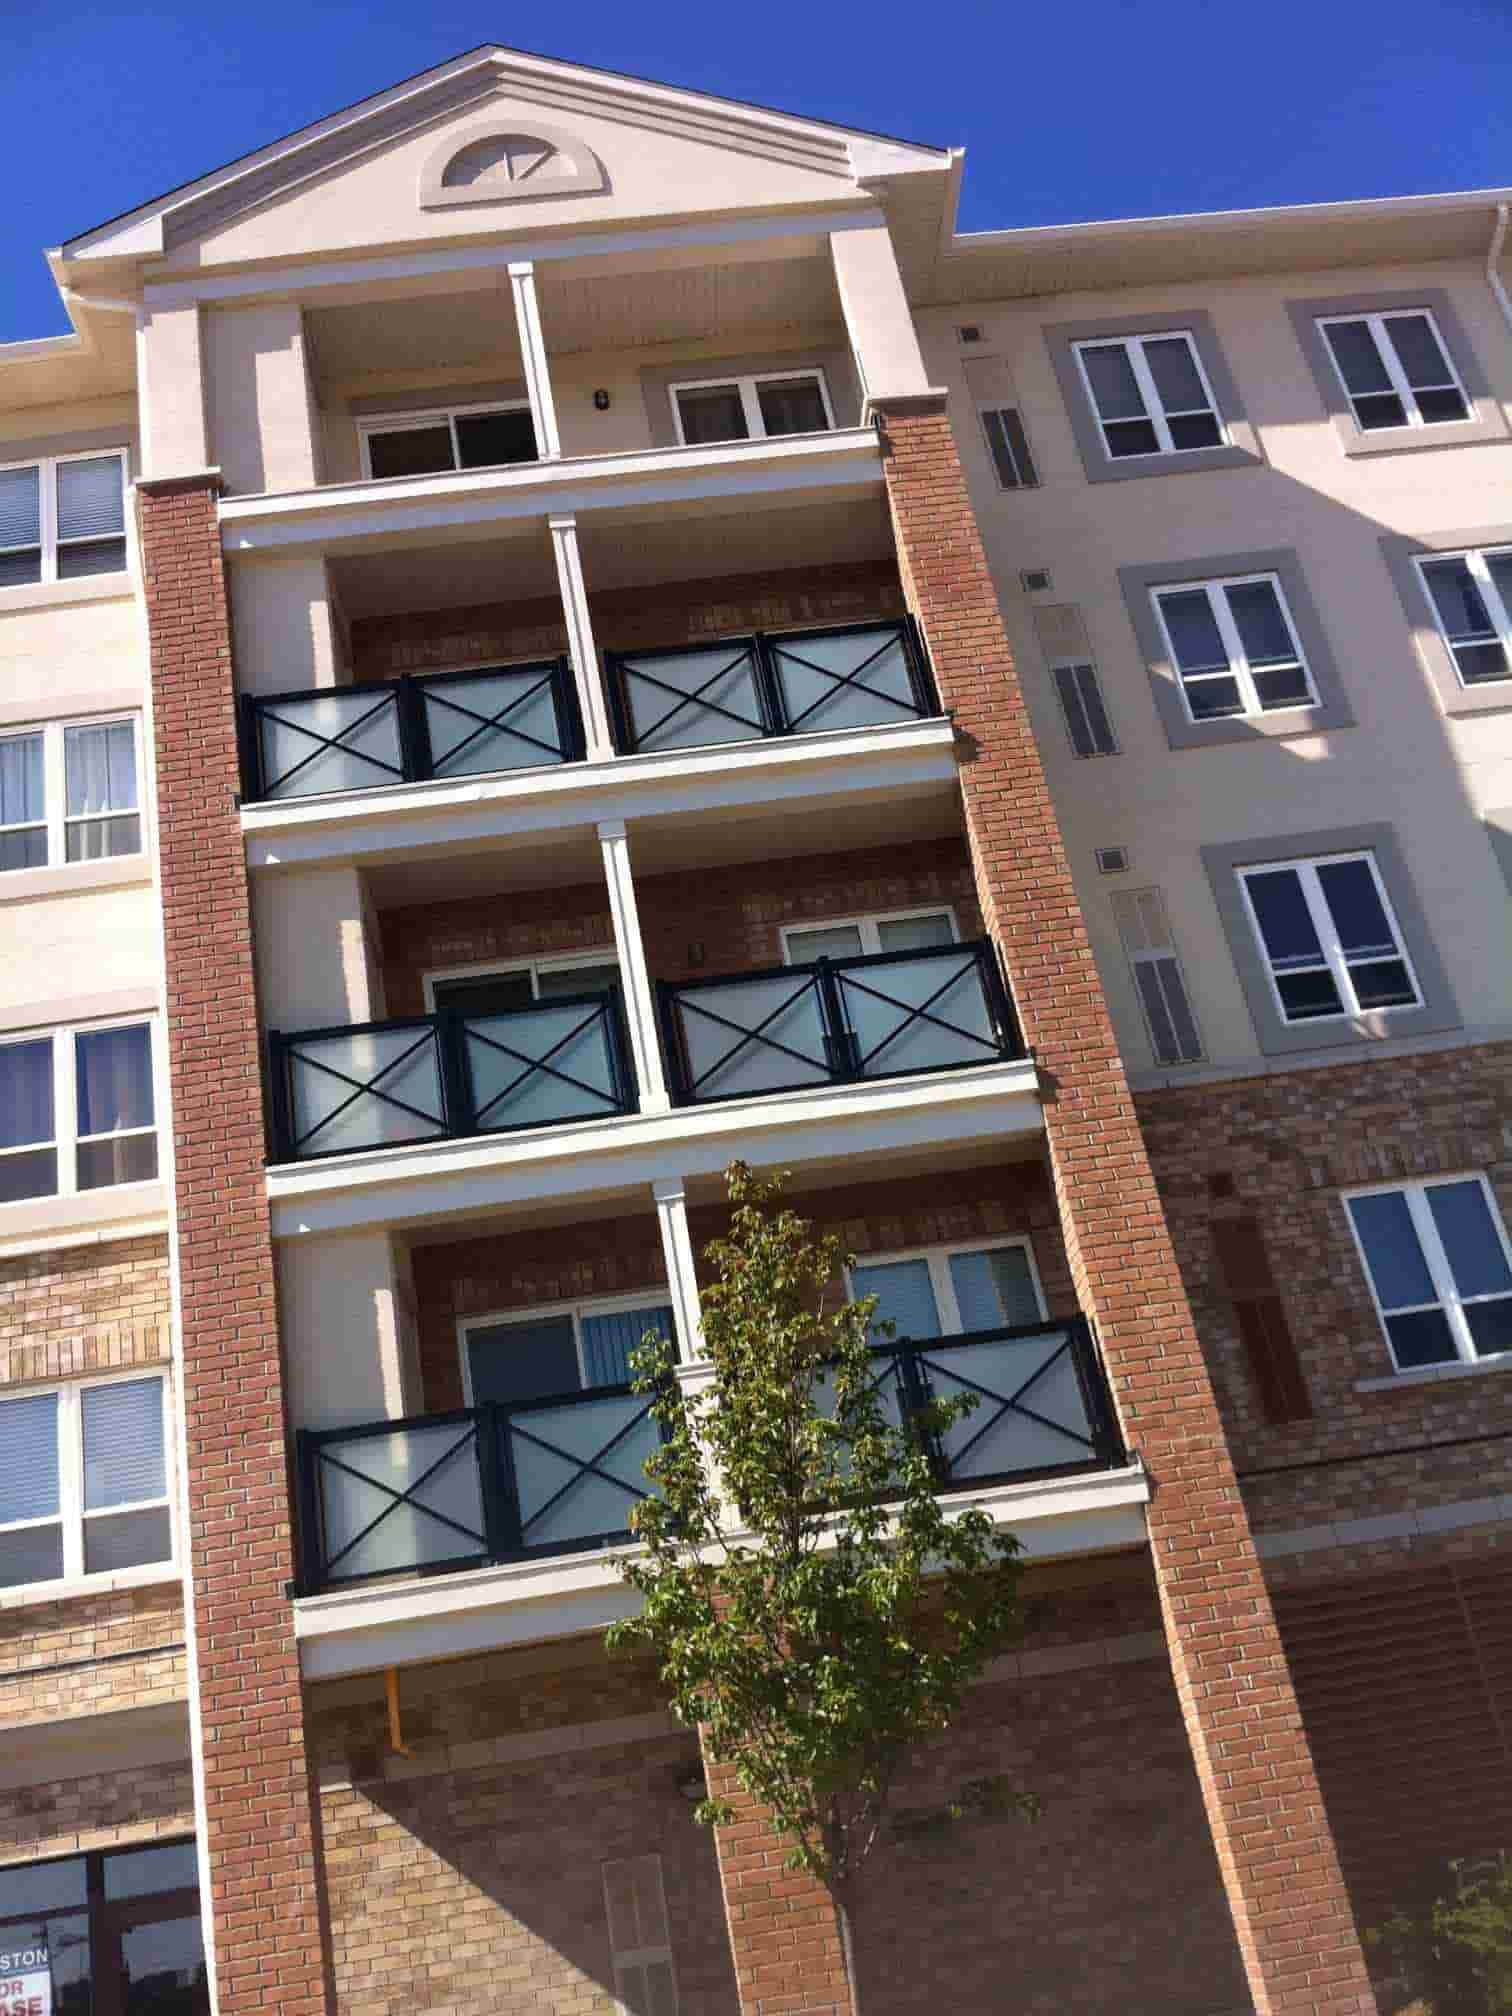 Glass Railing System Glass Balcony Glass Railing: Glass Balcony, Glass Railing Designs For Balcony